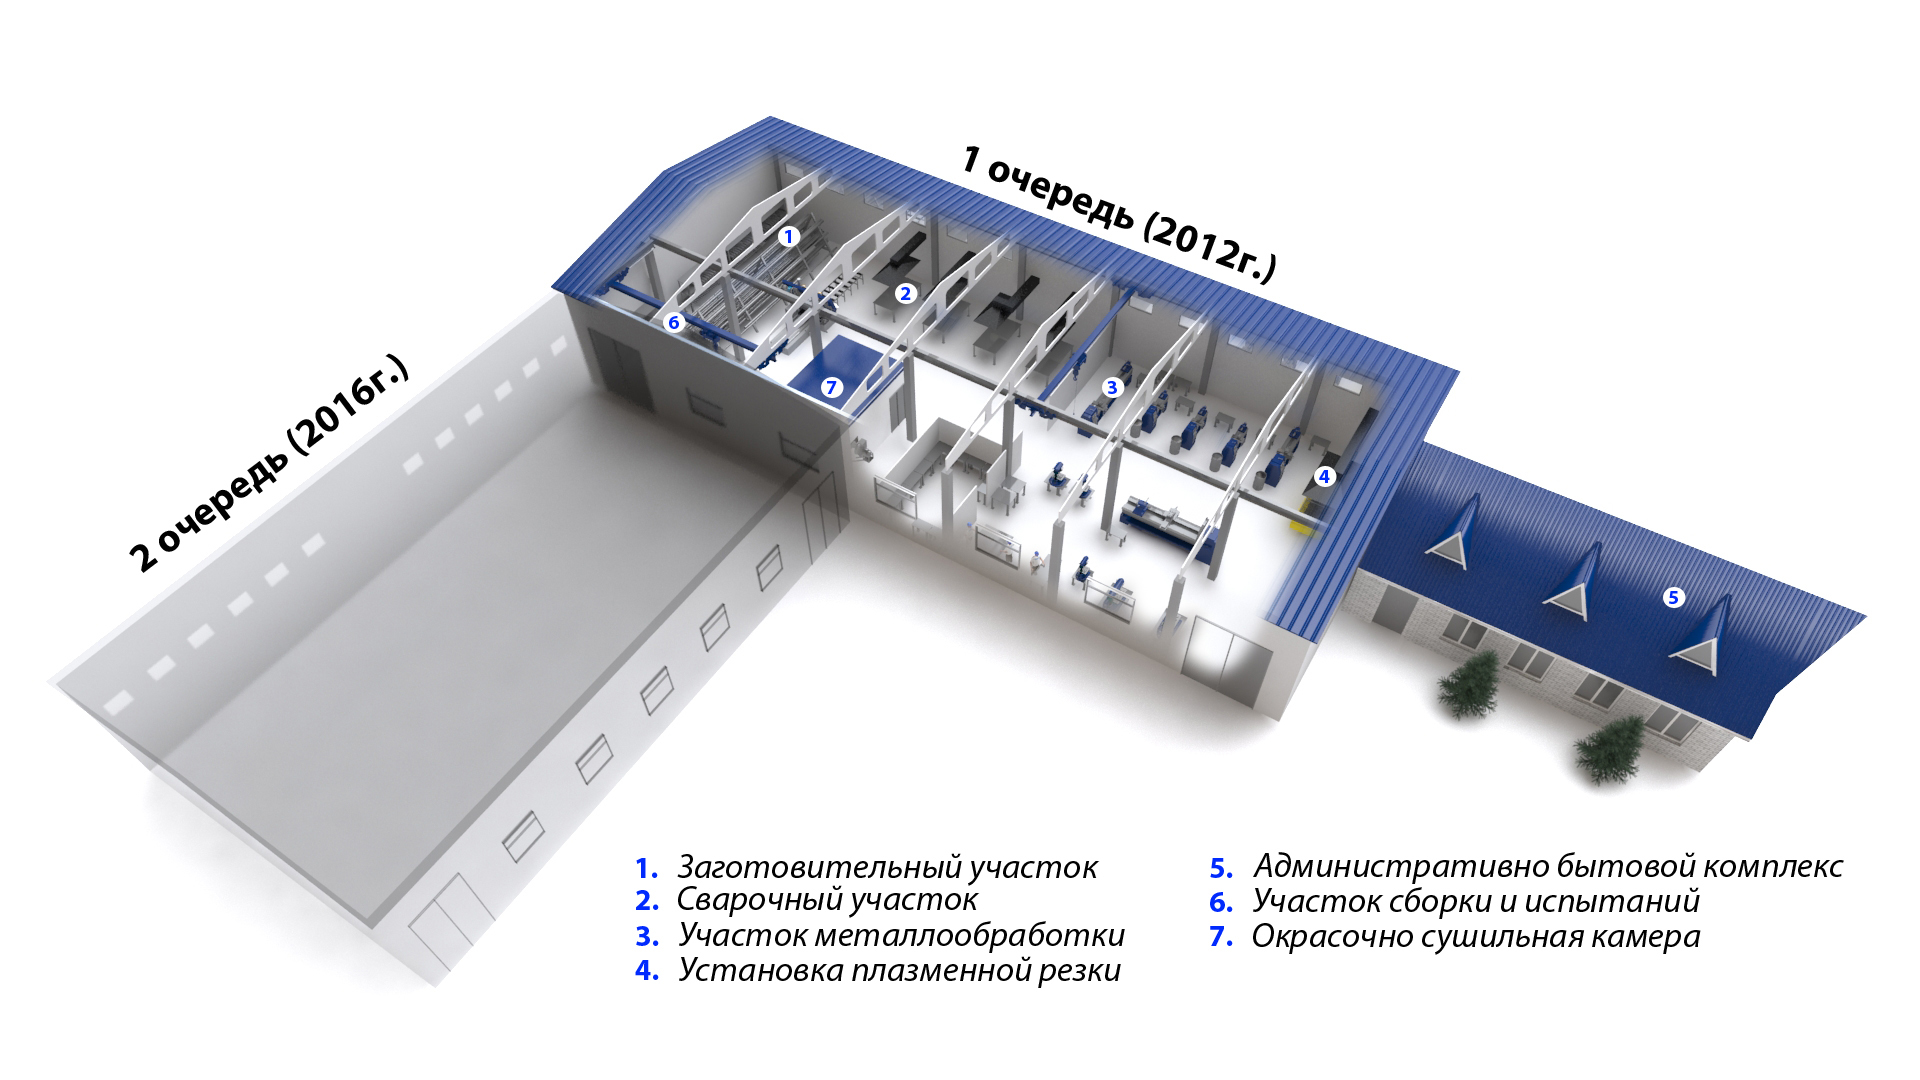 Завод гидравлического оборудования